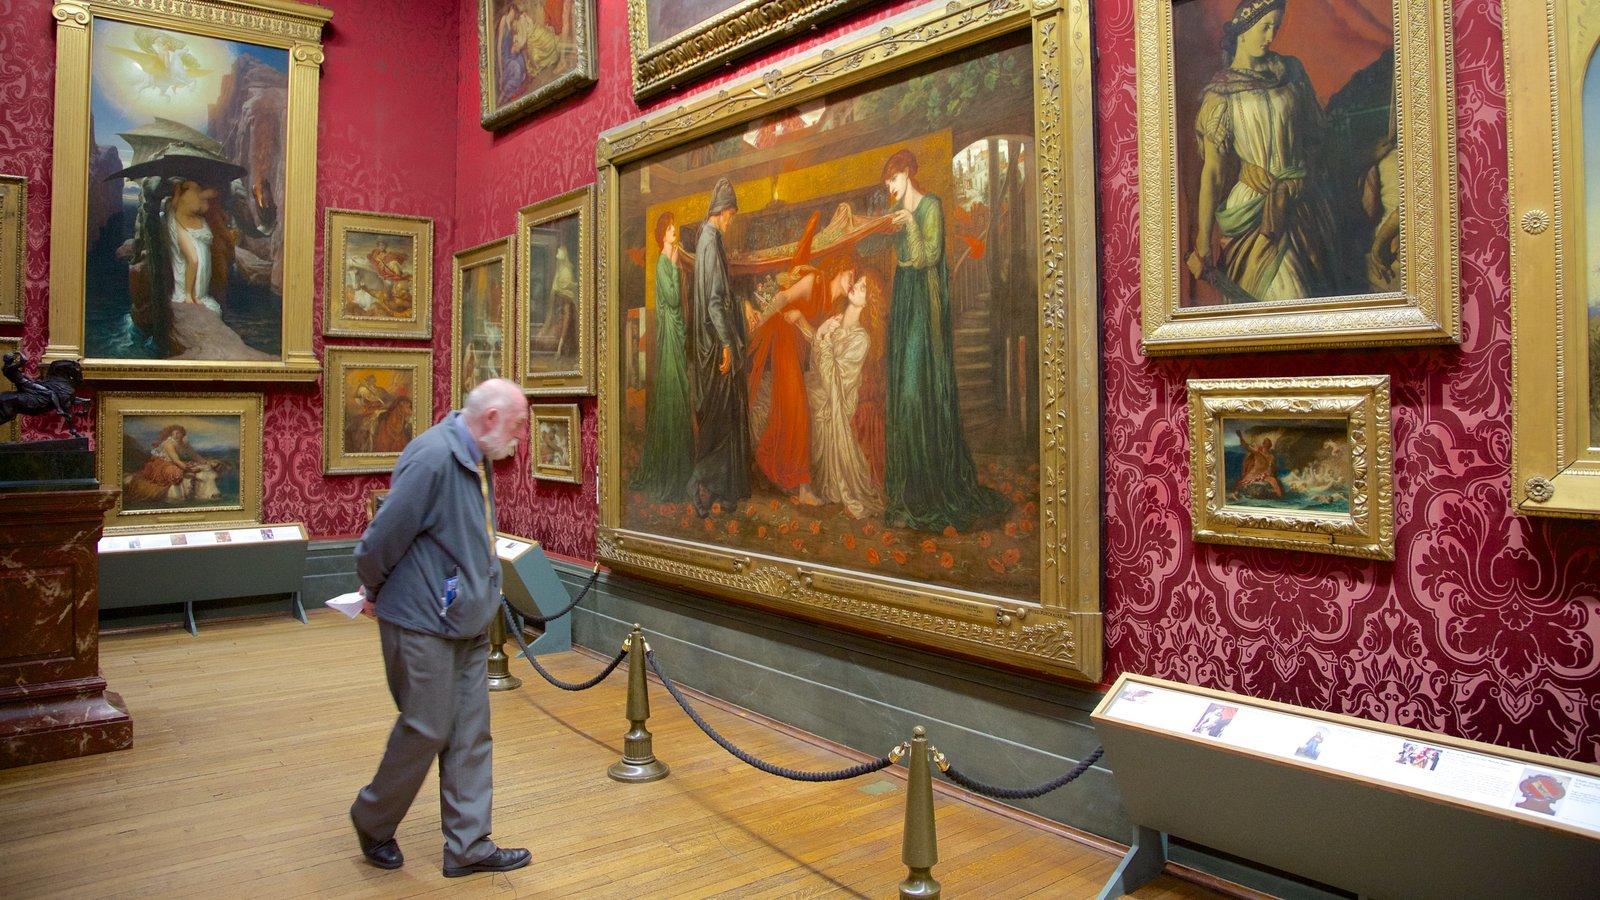 Walker Art Gallery que incluye vistas interiores y arte y también un hombre